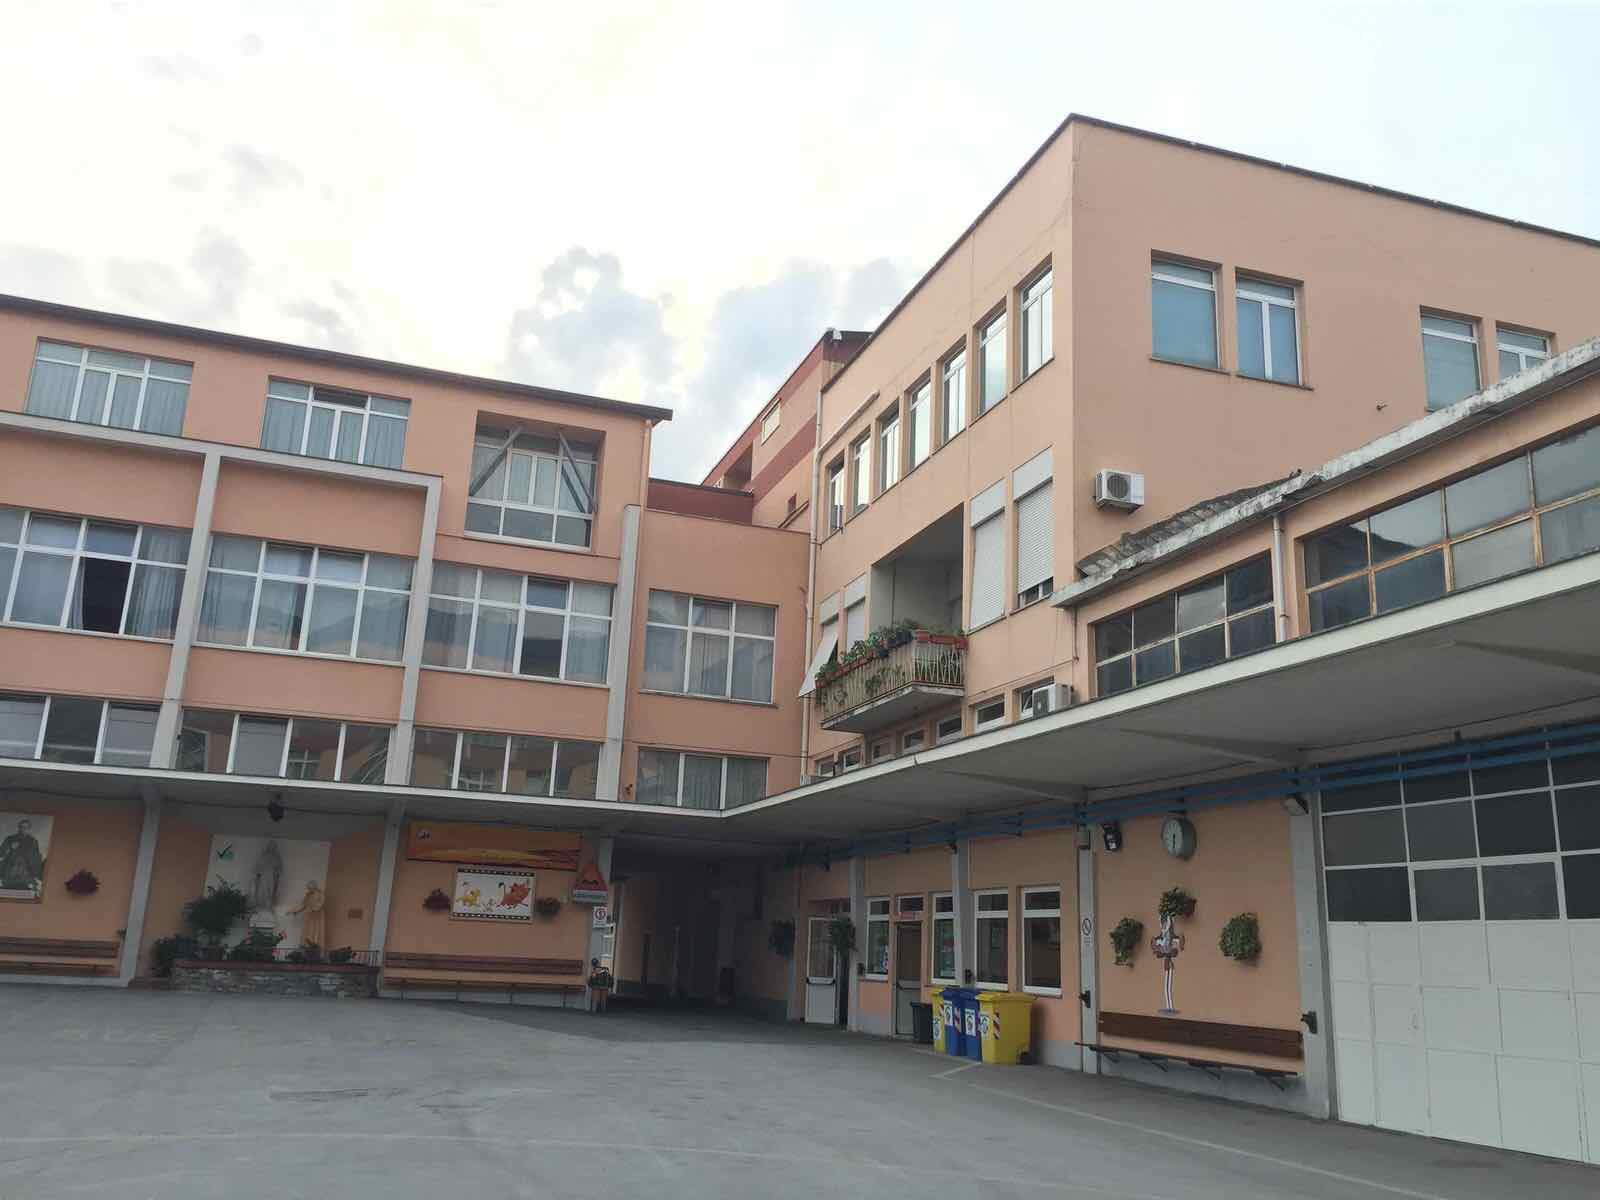 Piazzale 02 Centro San Salvatore Villaggio del Ragazzo